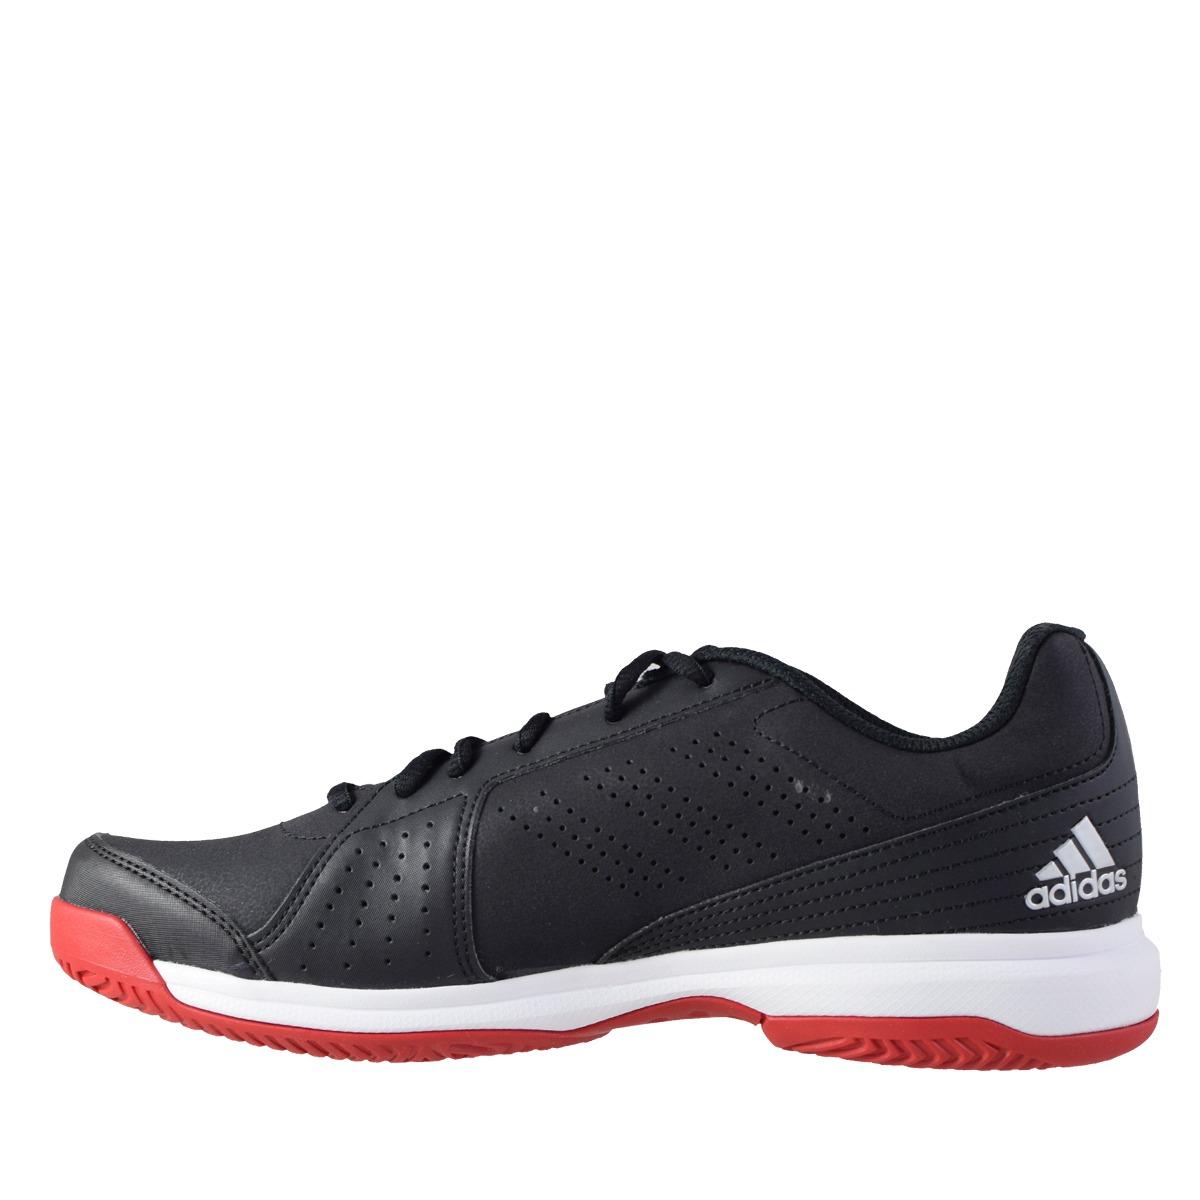 b337e105 Zapatillas De Tenis adidas Approach Hombre Negro - $ 2.500,00 en ...